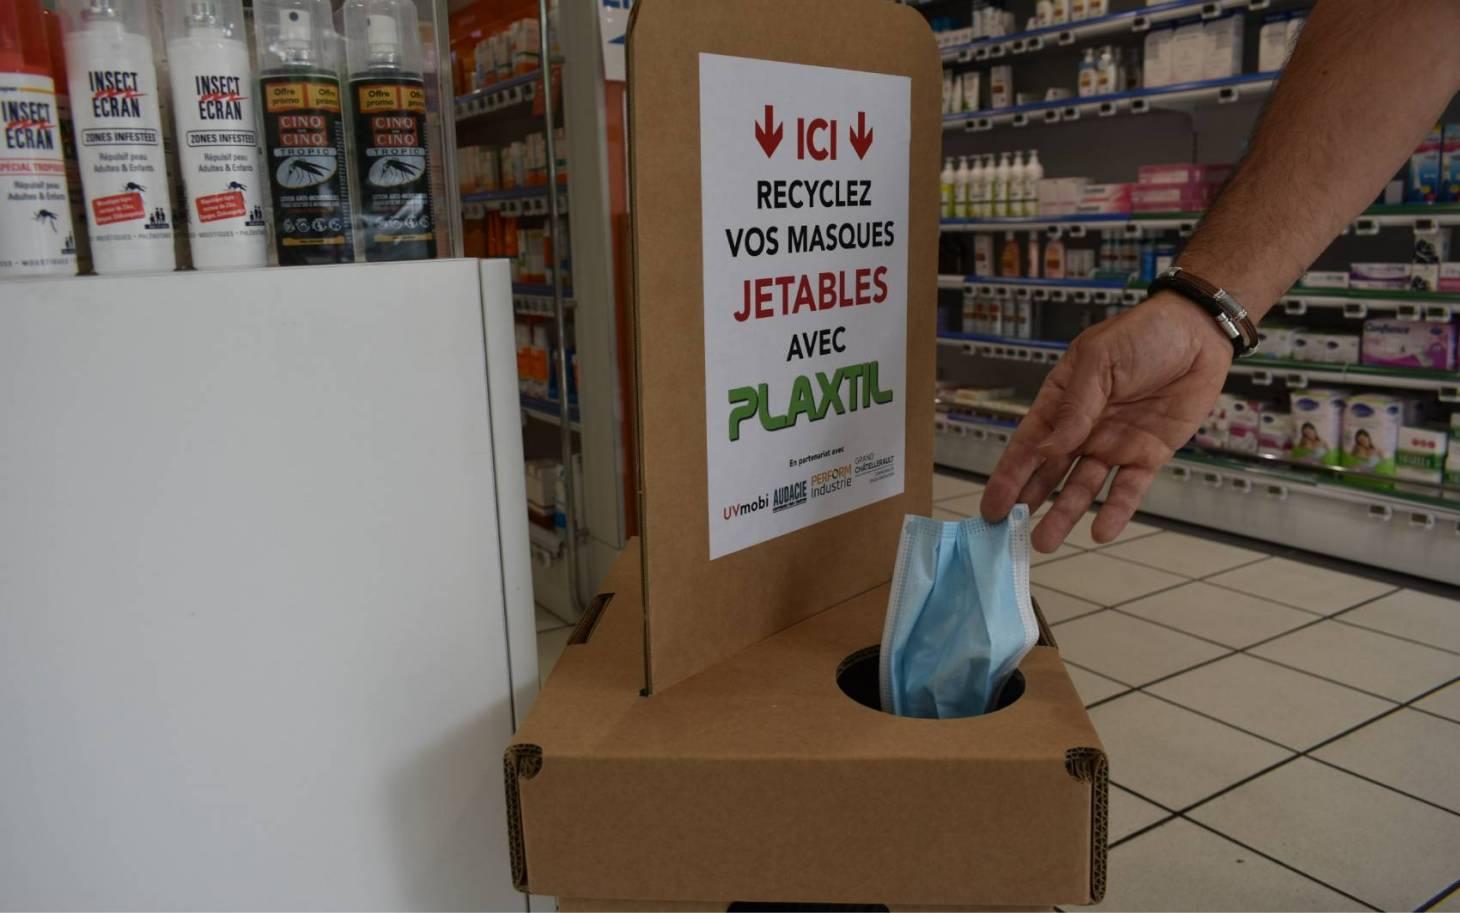 Masques usagés: bientôt des bornes de collecte à Poitiers